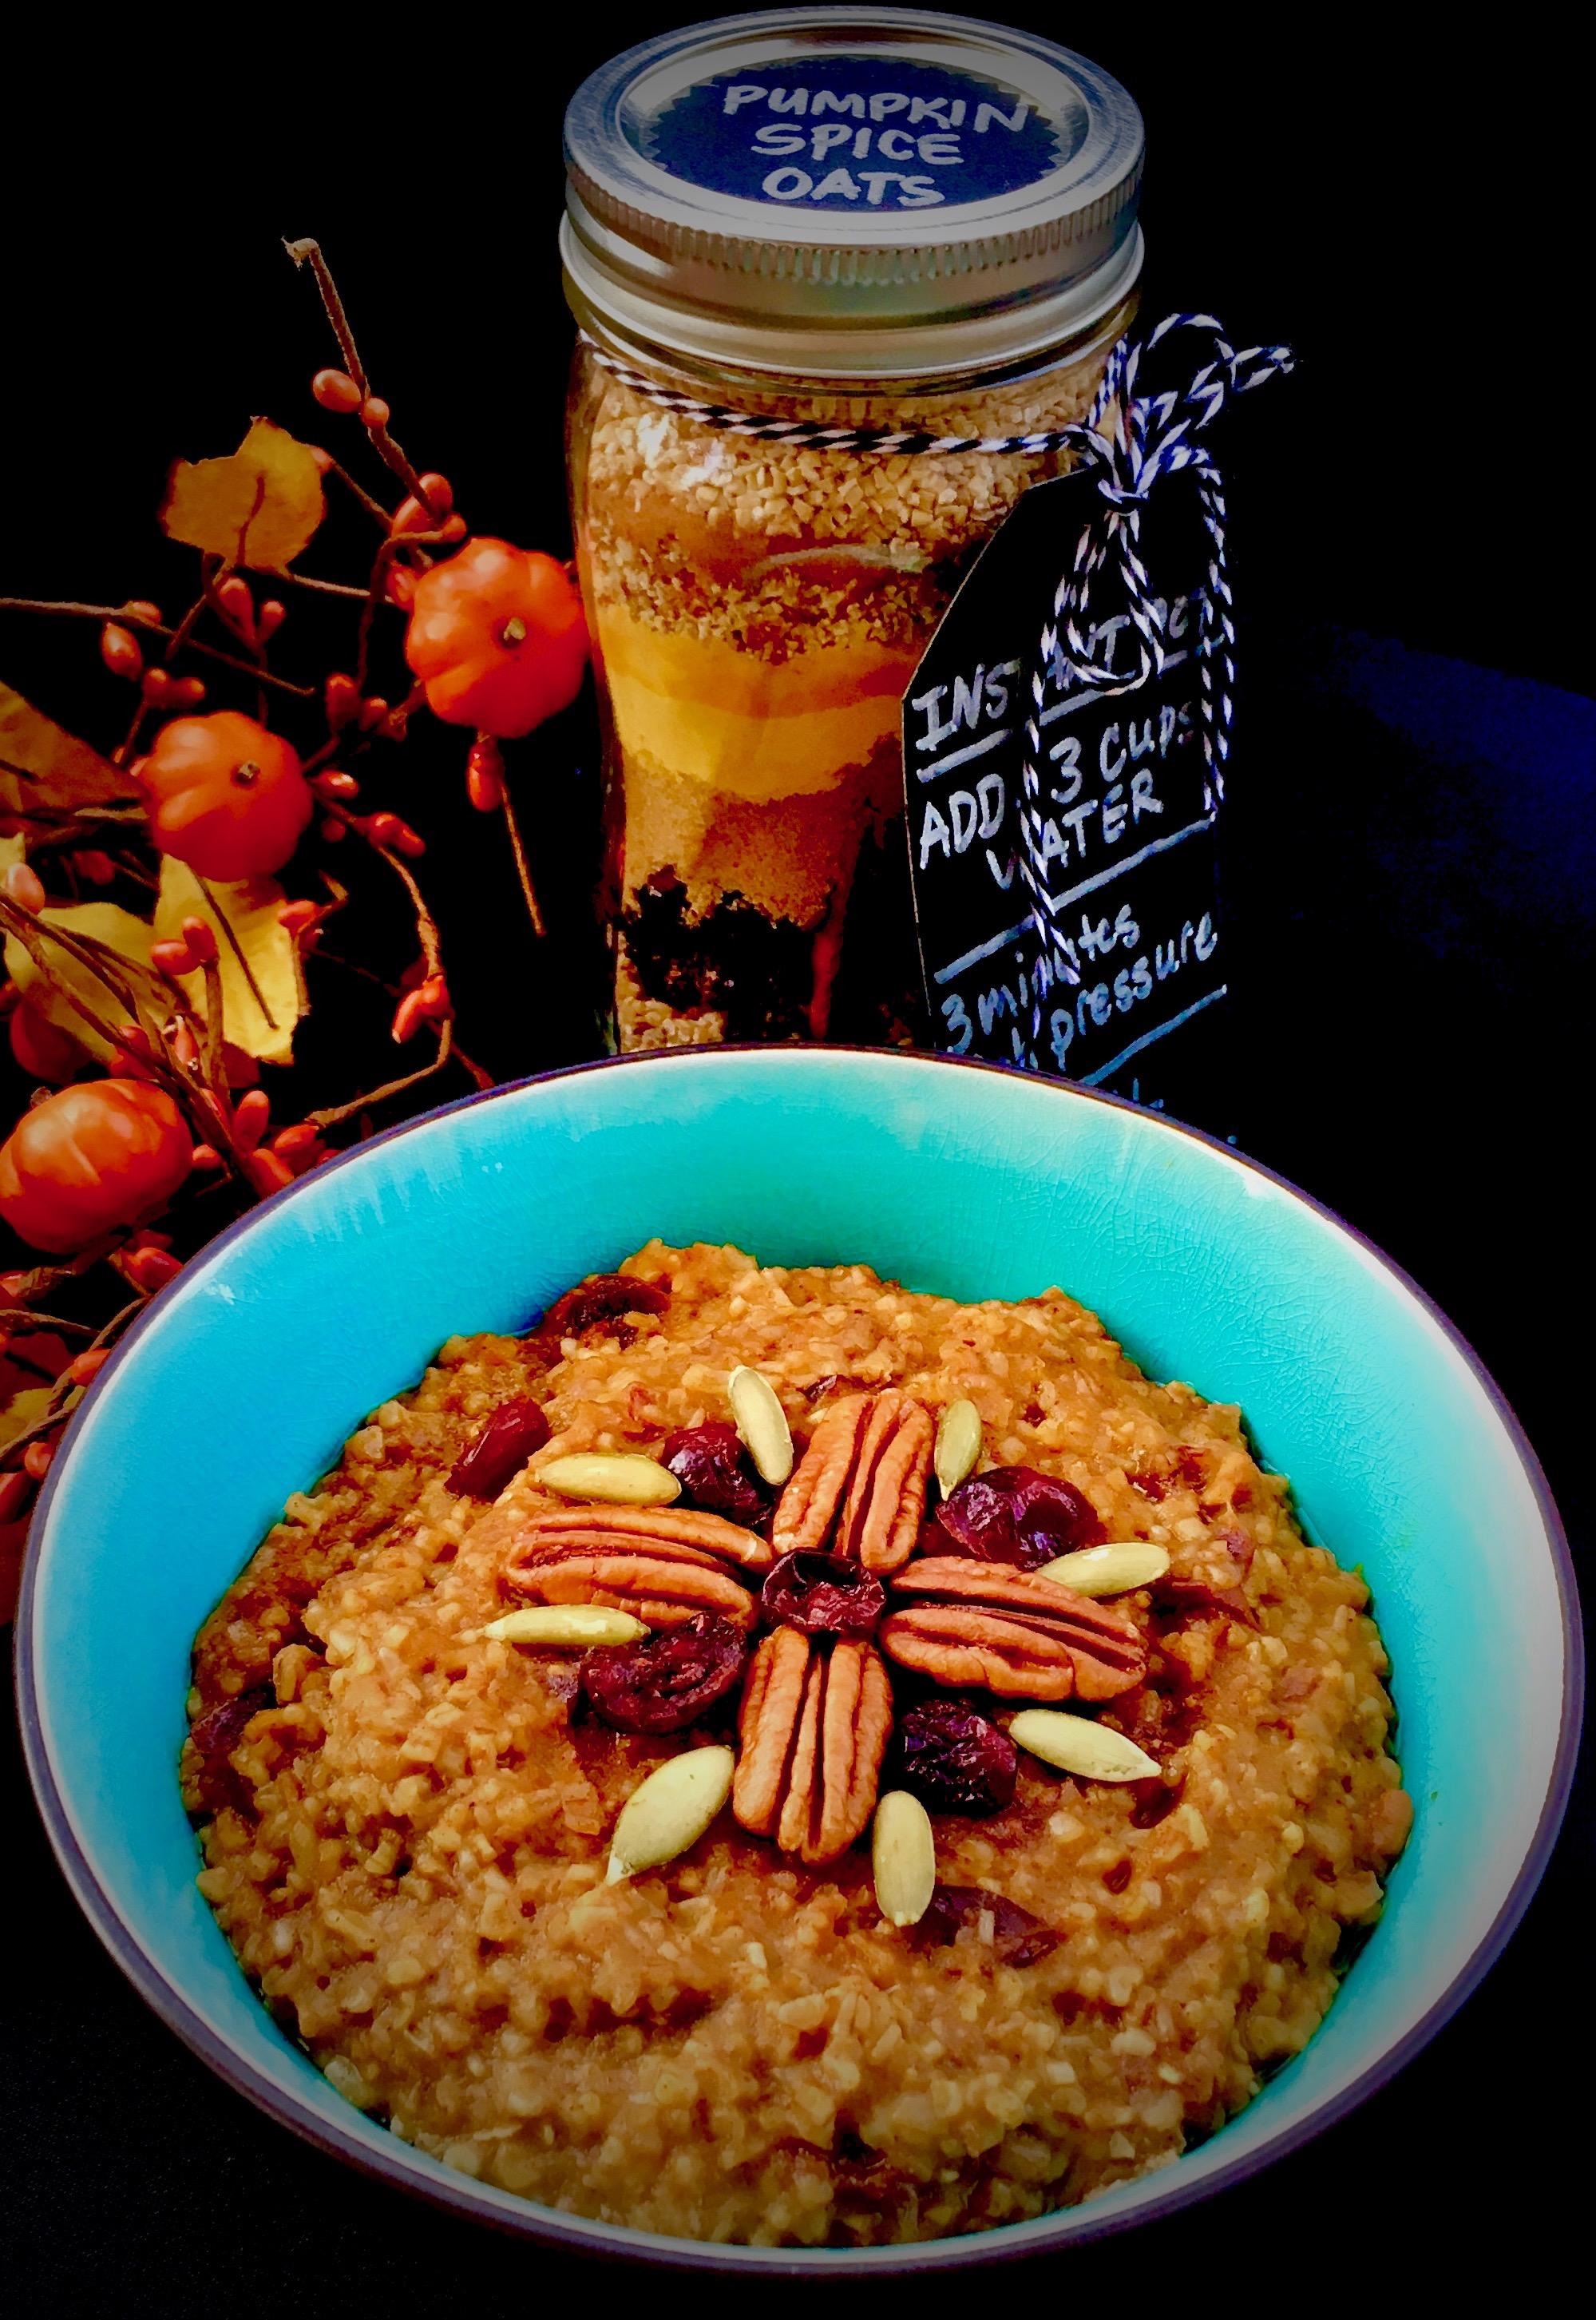 INSTANT POT MEAL KIT: Pumpkin Spice Steel-cut oats